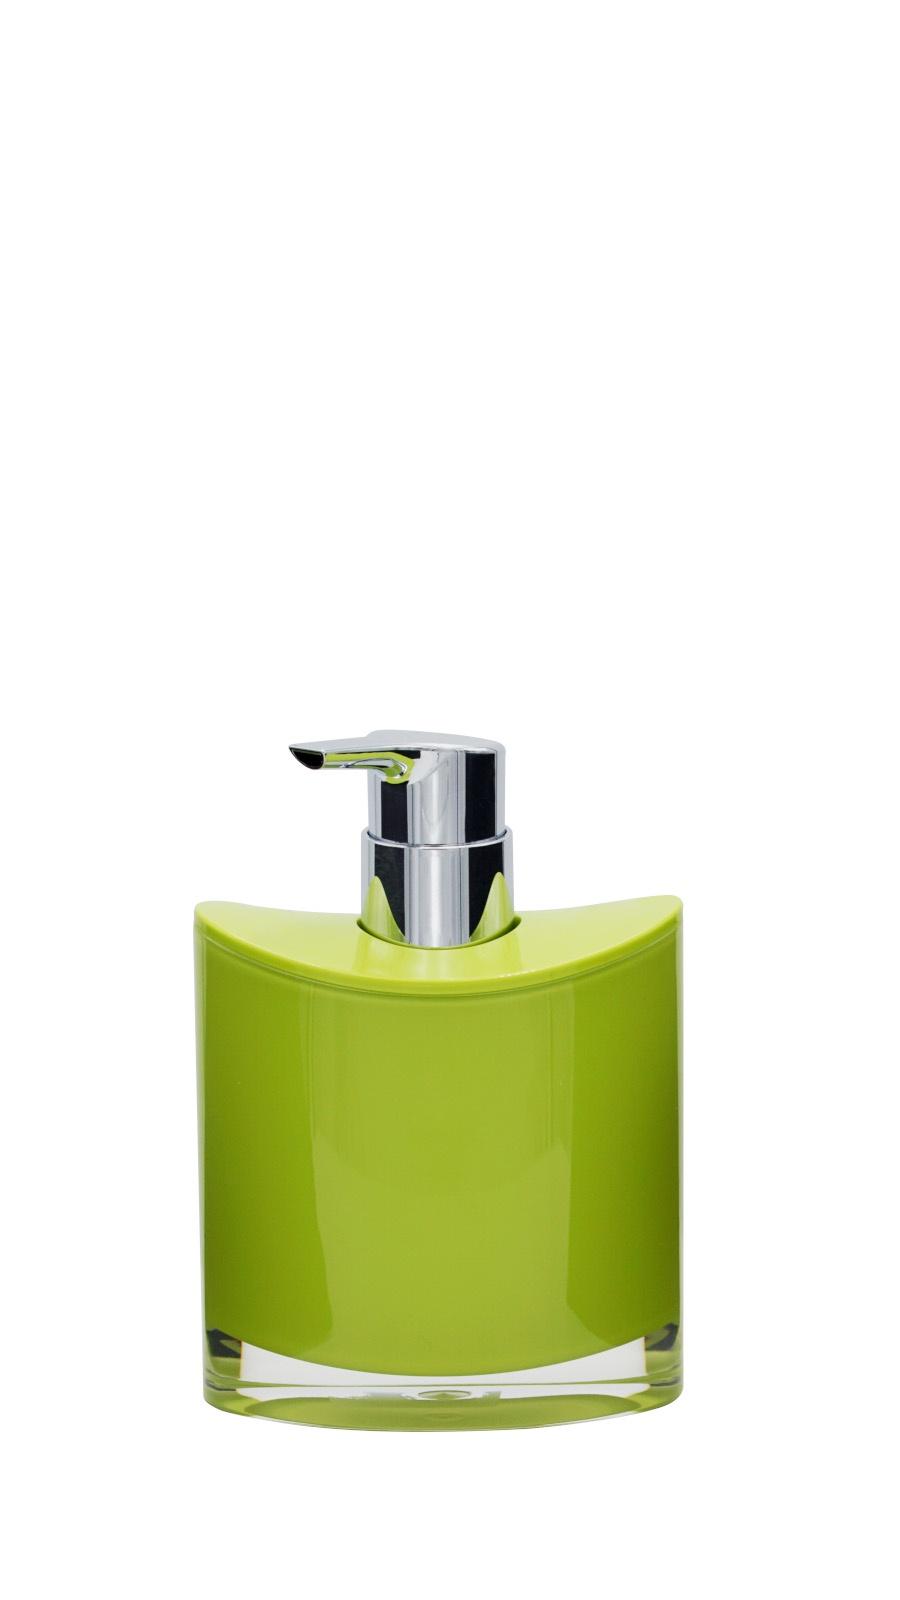 Дозатор для жидкого мыла Gaudy зелёный